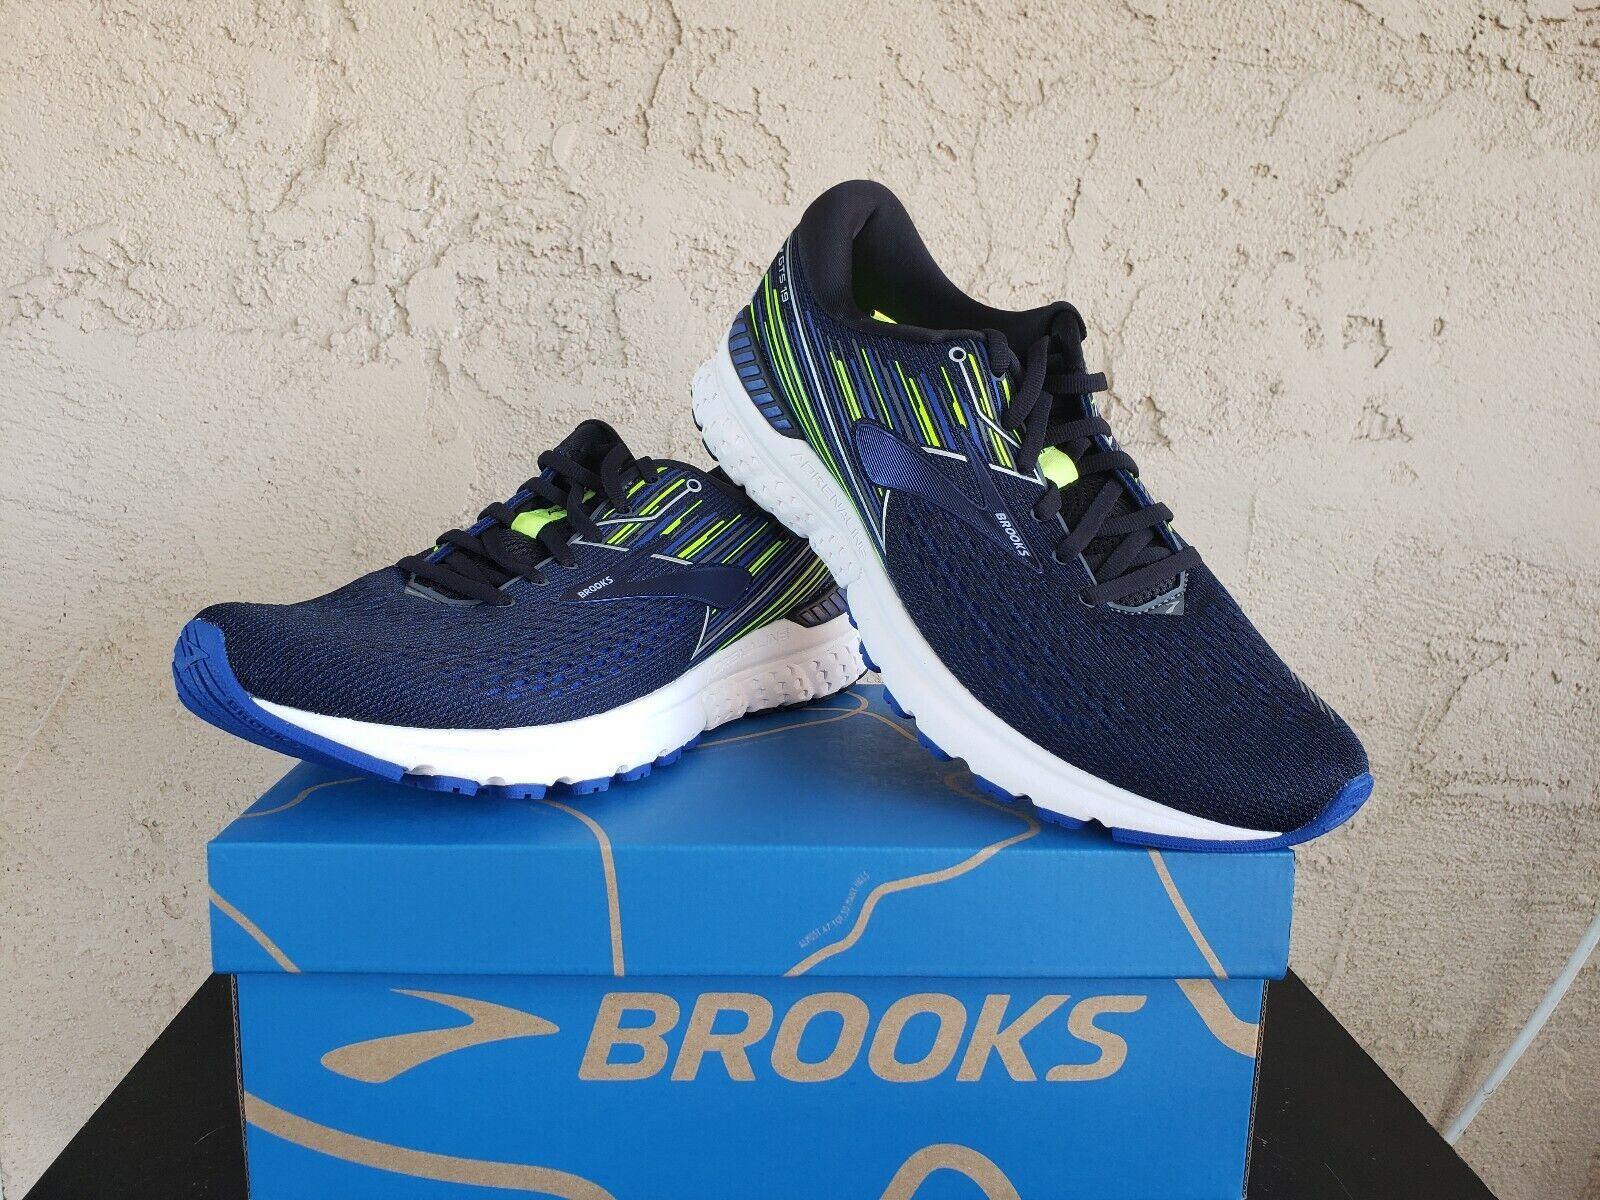 Brooks Adrenaline GTS 19 Grootte van mannen 11 D hardlopen wandelen schoenen